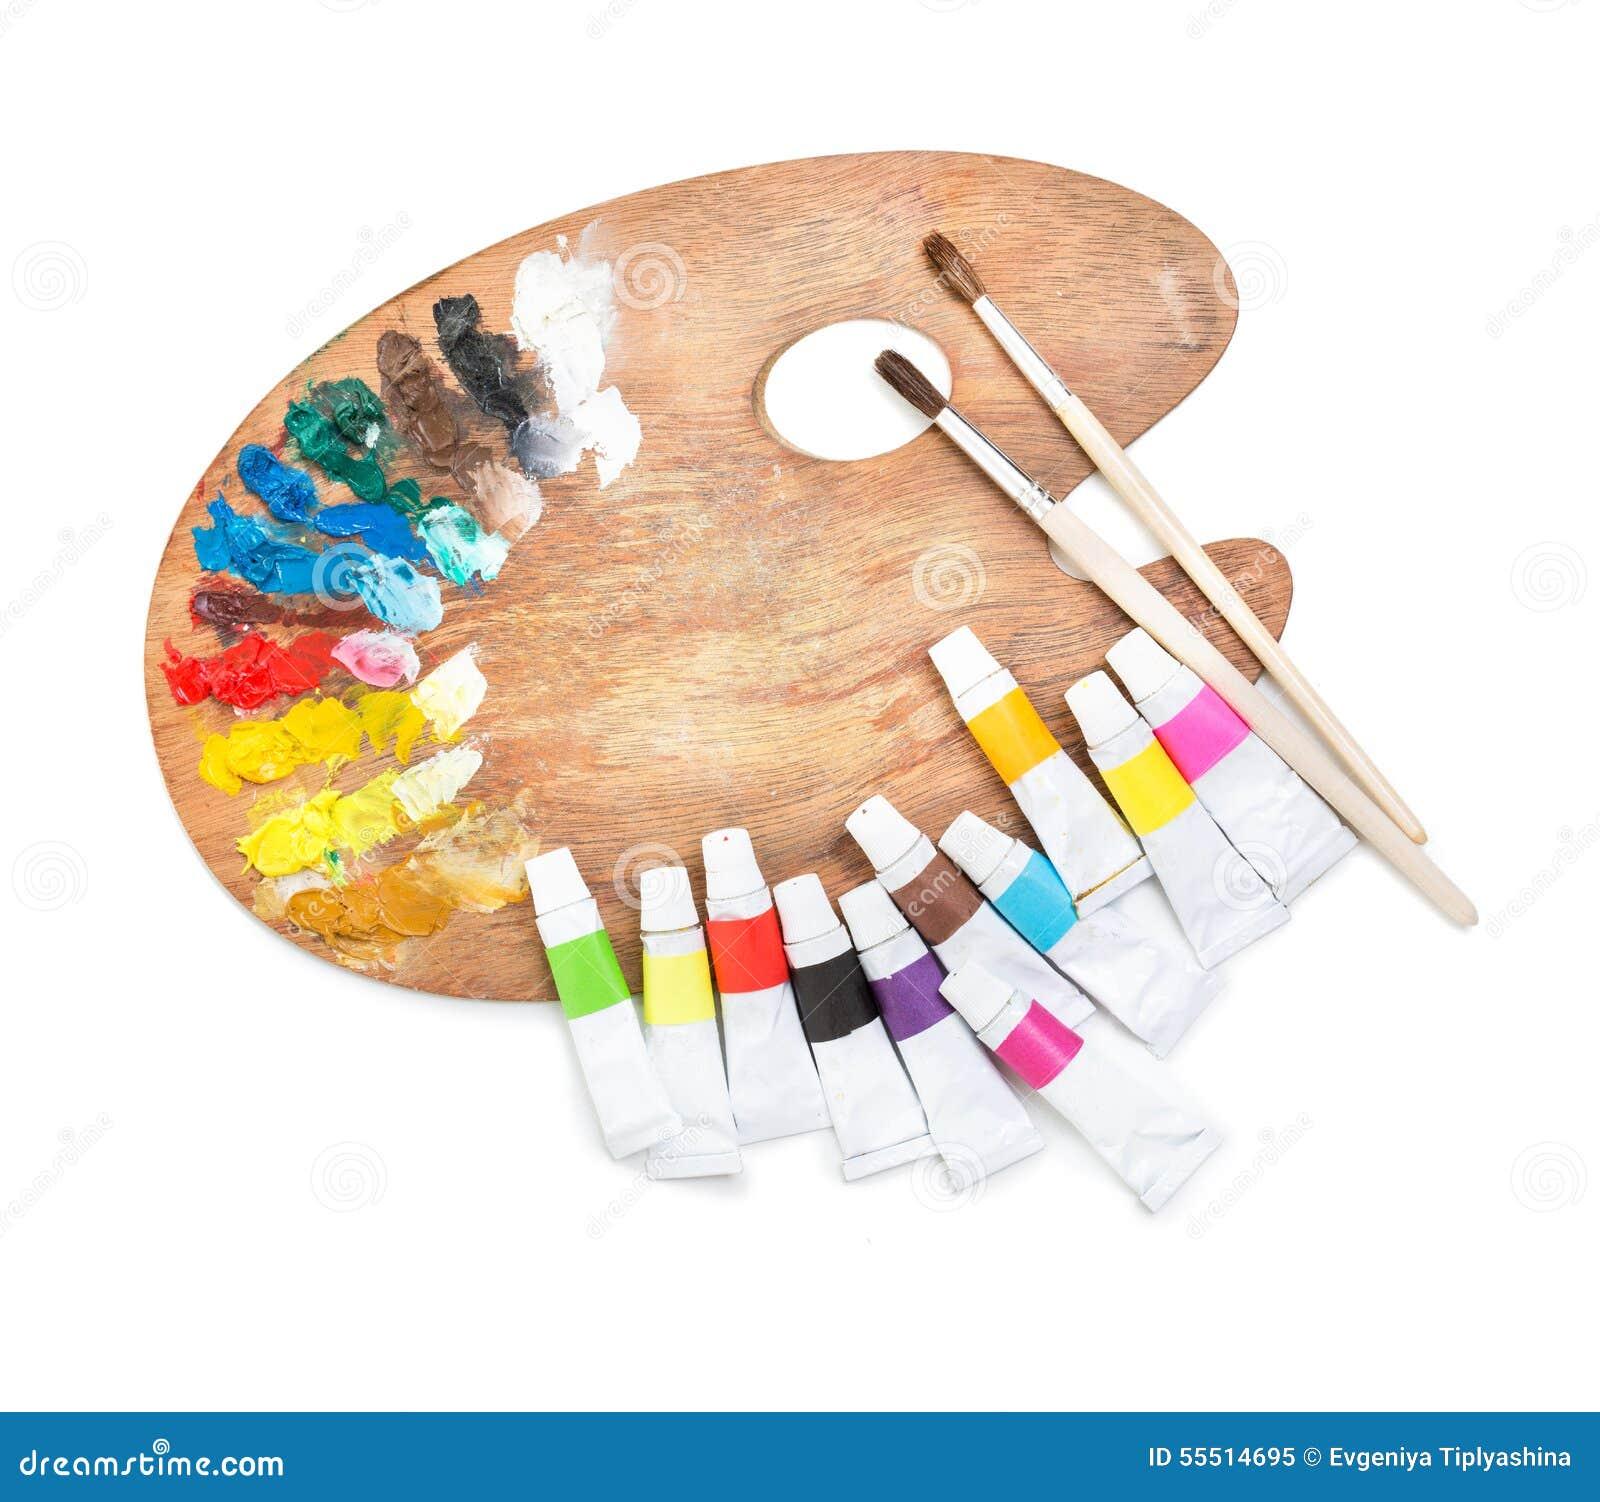 Palett med rör av målarfärg